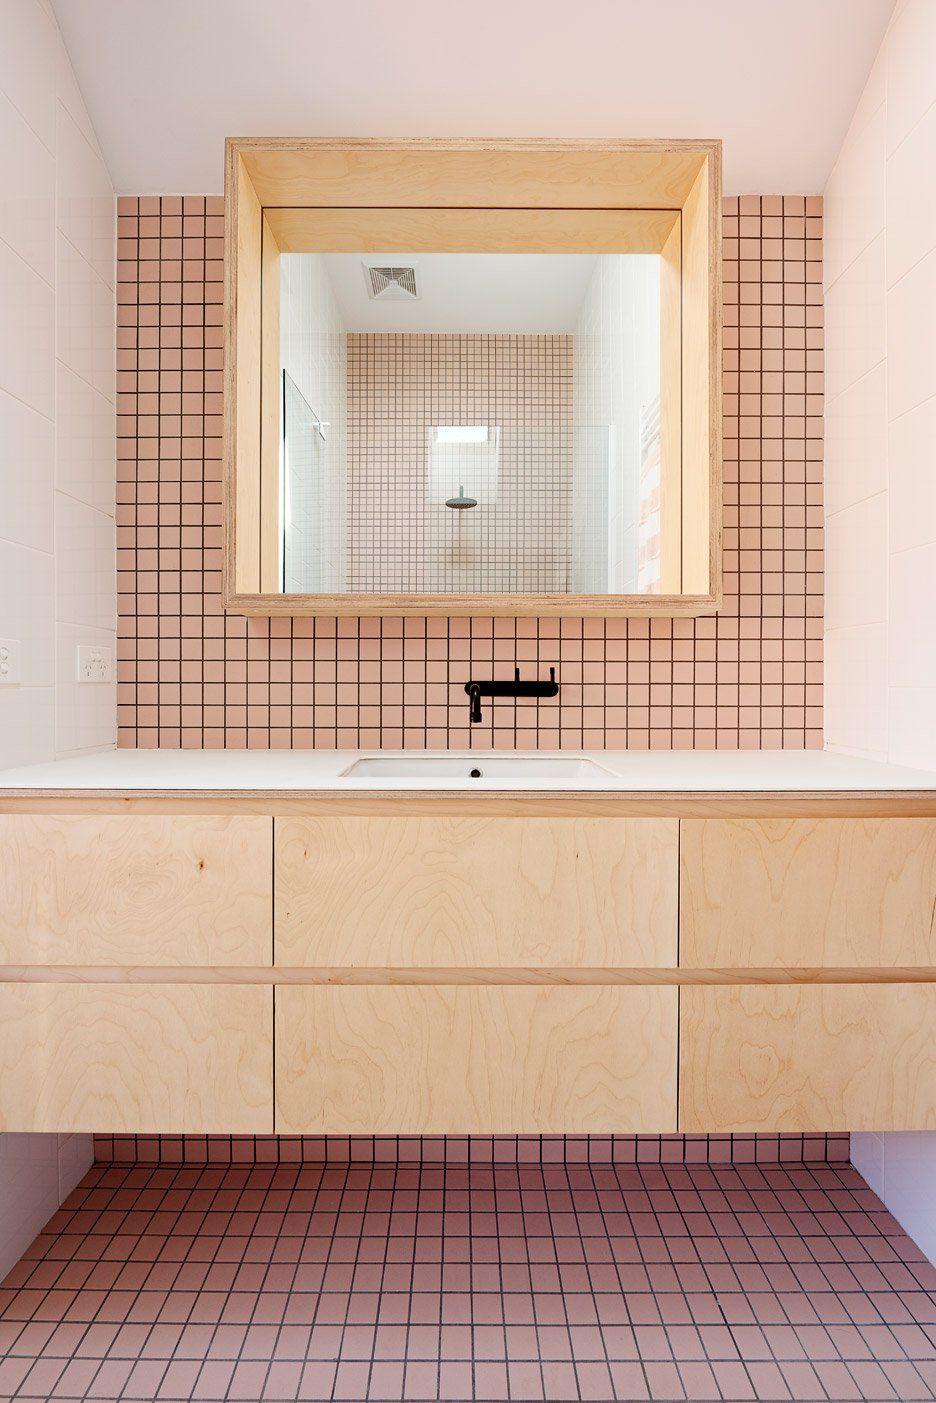 Objet Deco Salle De Bain Design ~  pingl par ab sur 120 pinterest extension pastel et design